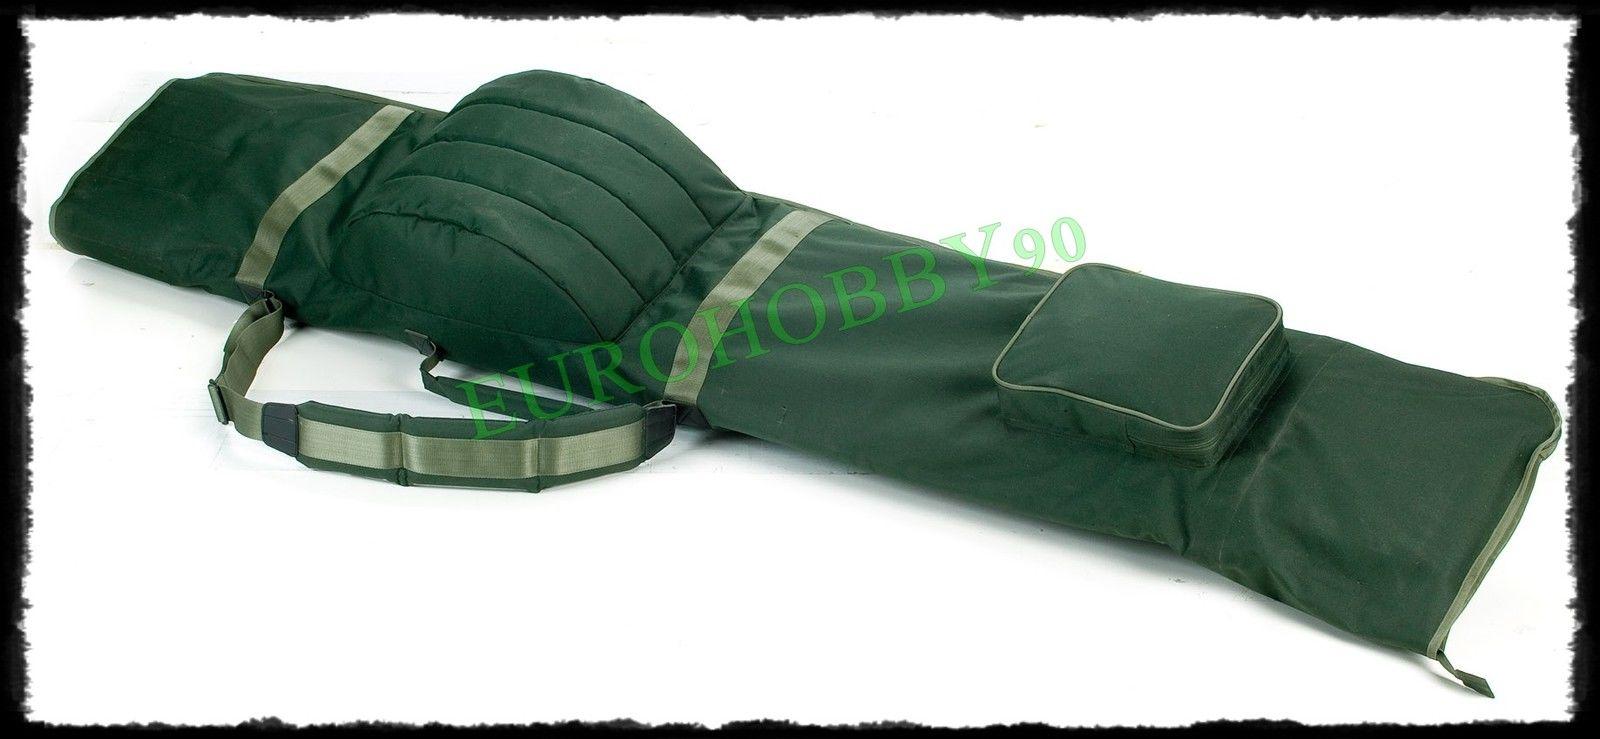 FODERO CARSON IMBOTTITO DA CARPFISHING PER 4 CANNE verde MIMETICO 13 PIEDI CARPA